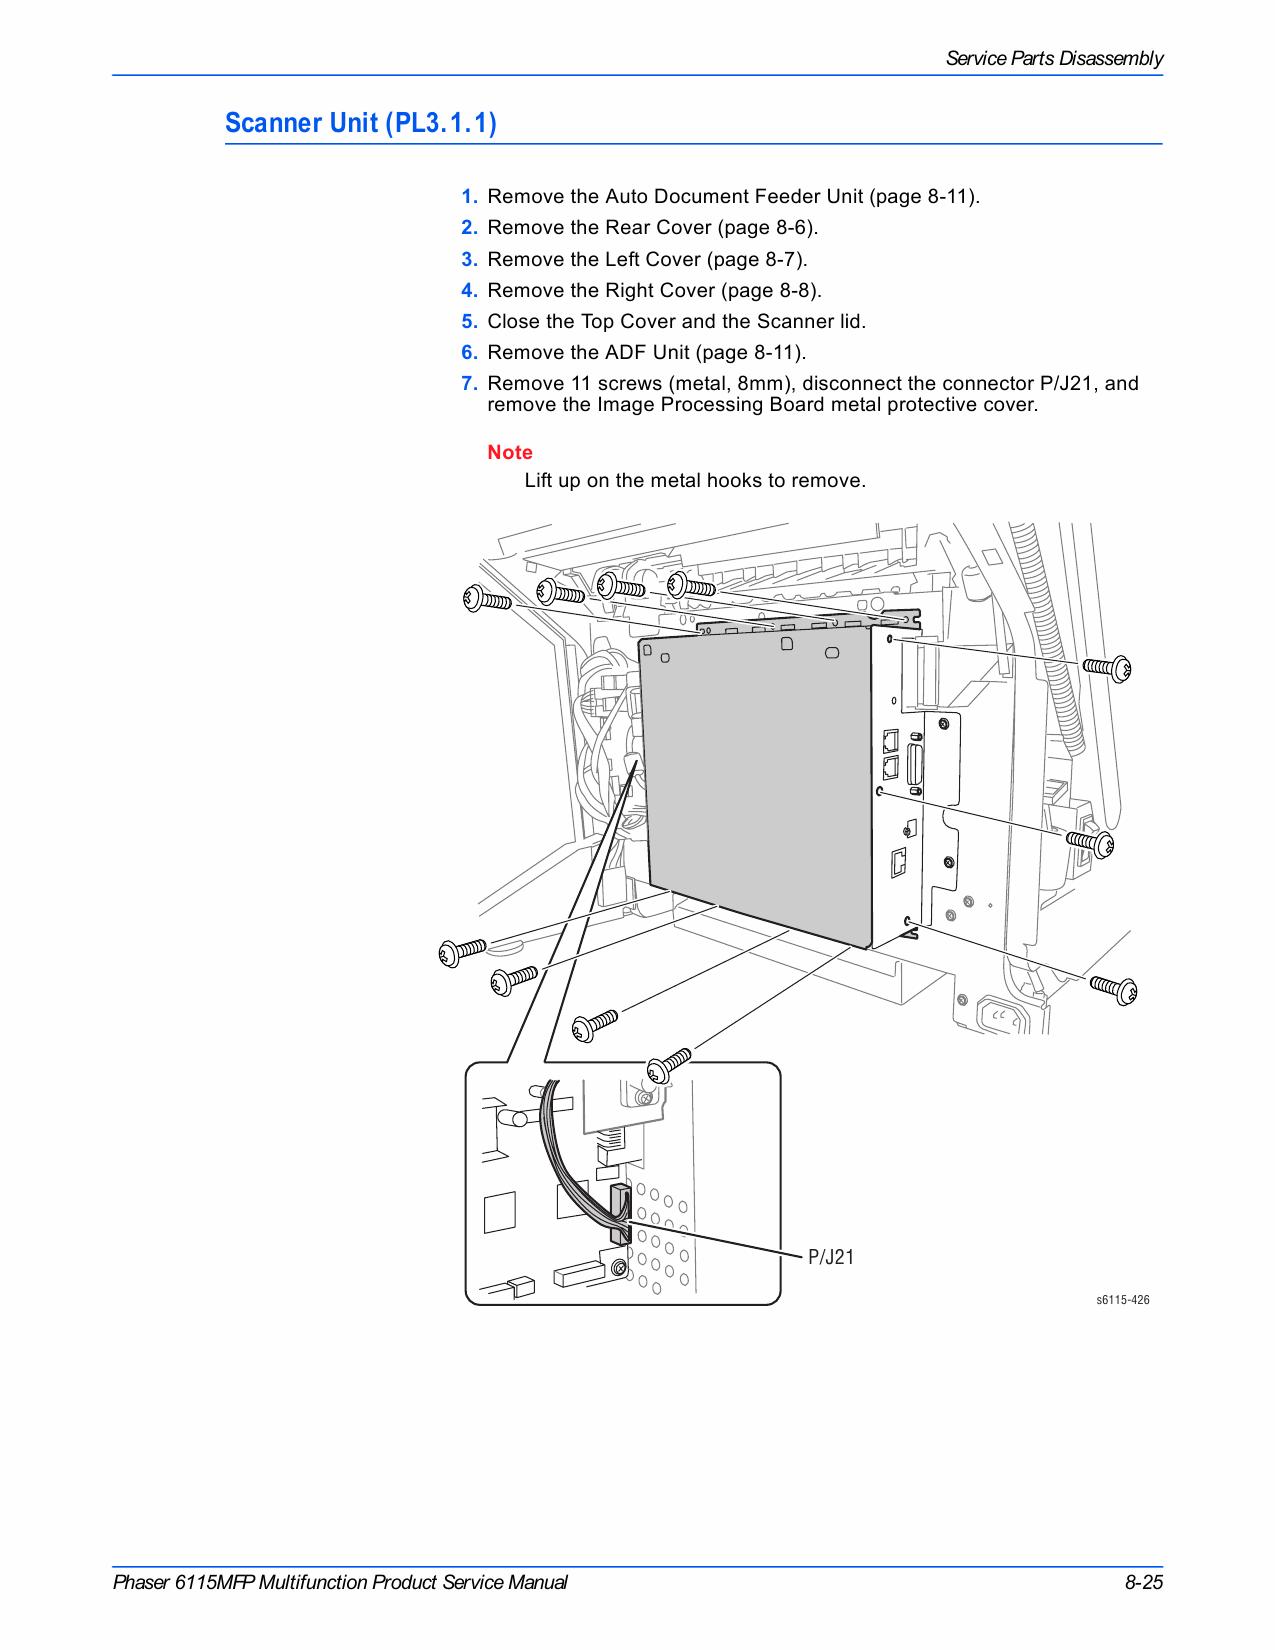 xerox phaser 6115